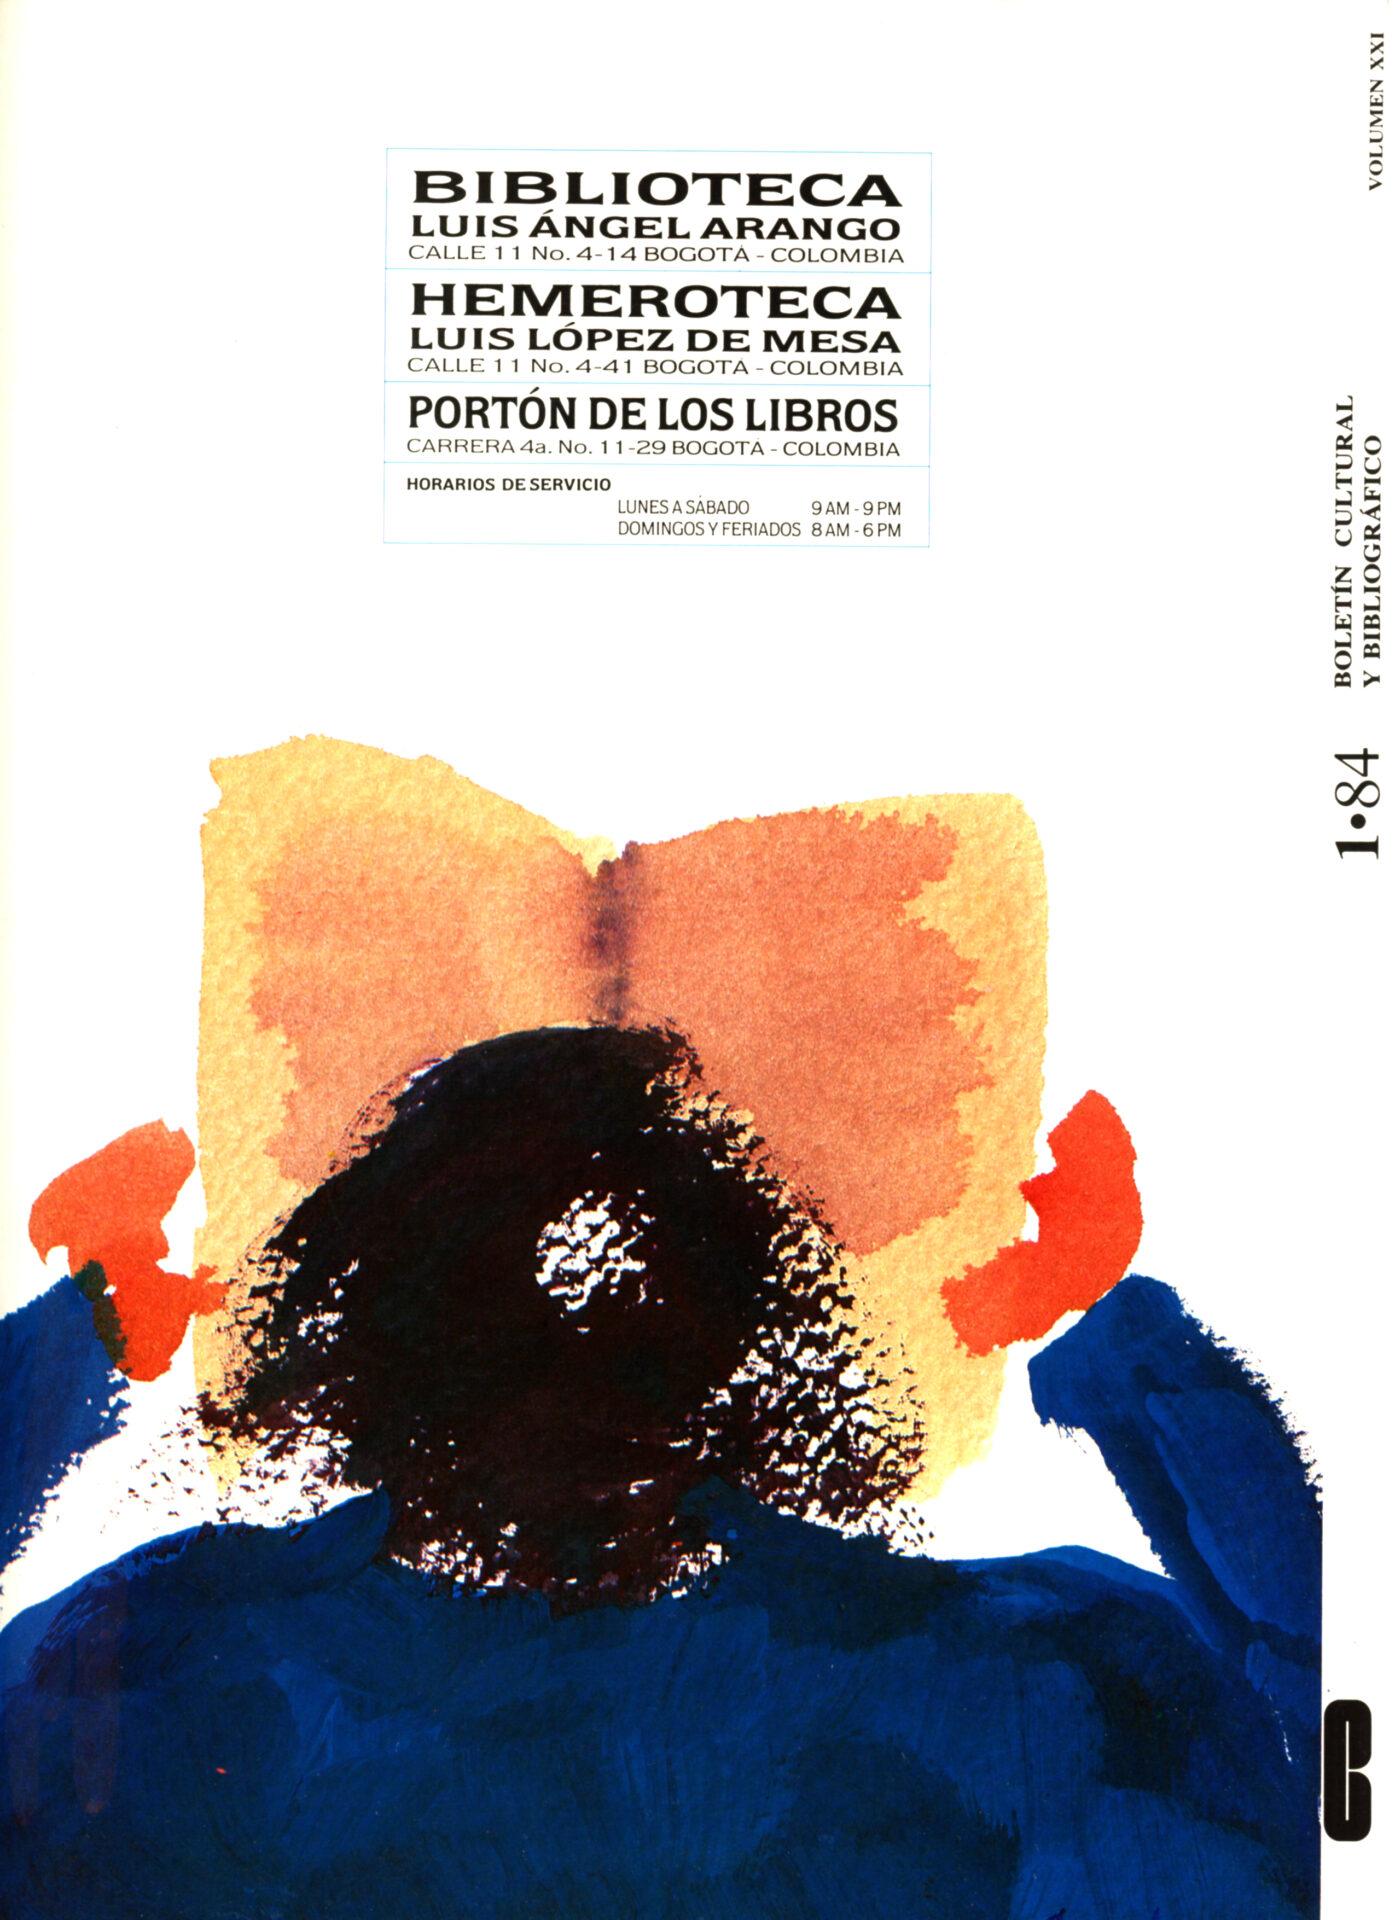 Cardoso. María Fernanda. Contraportada. Boletín Cultural y Bibliográfico XXI. no. 1. 1984_2